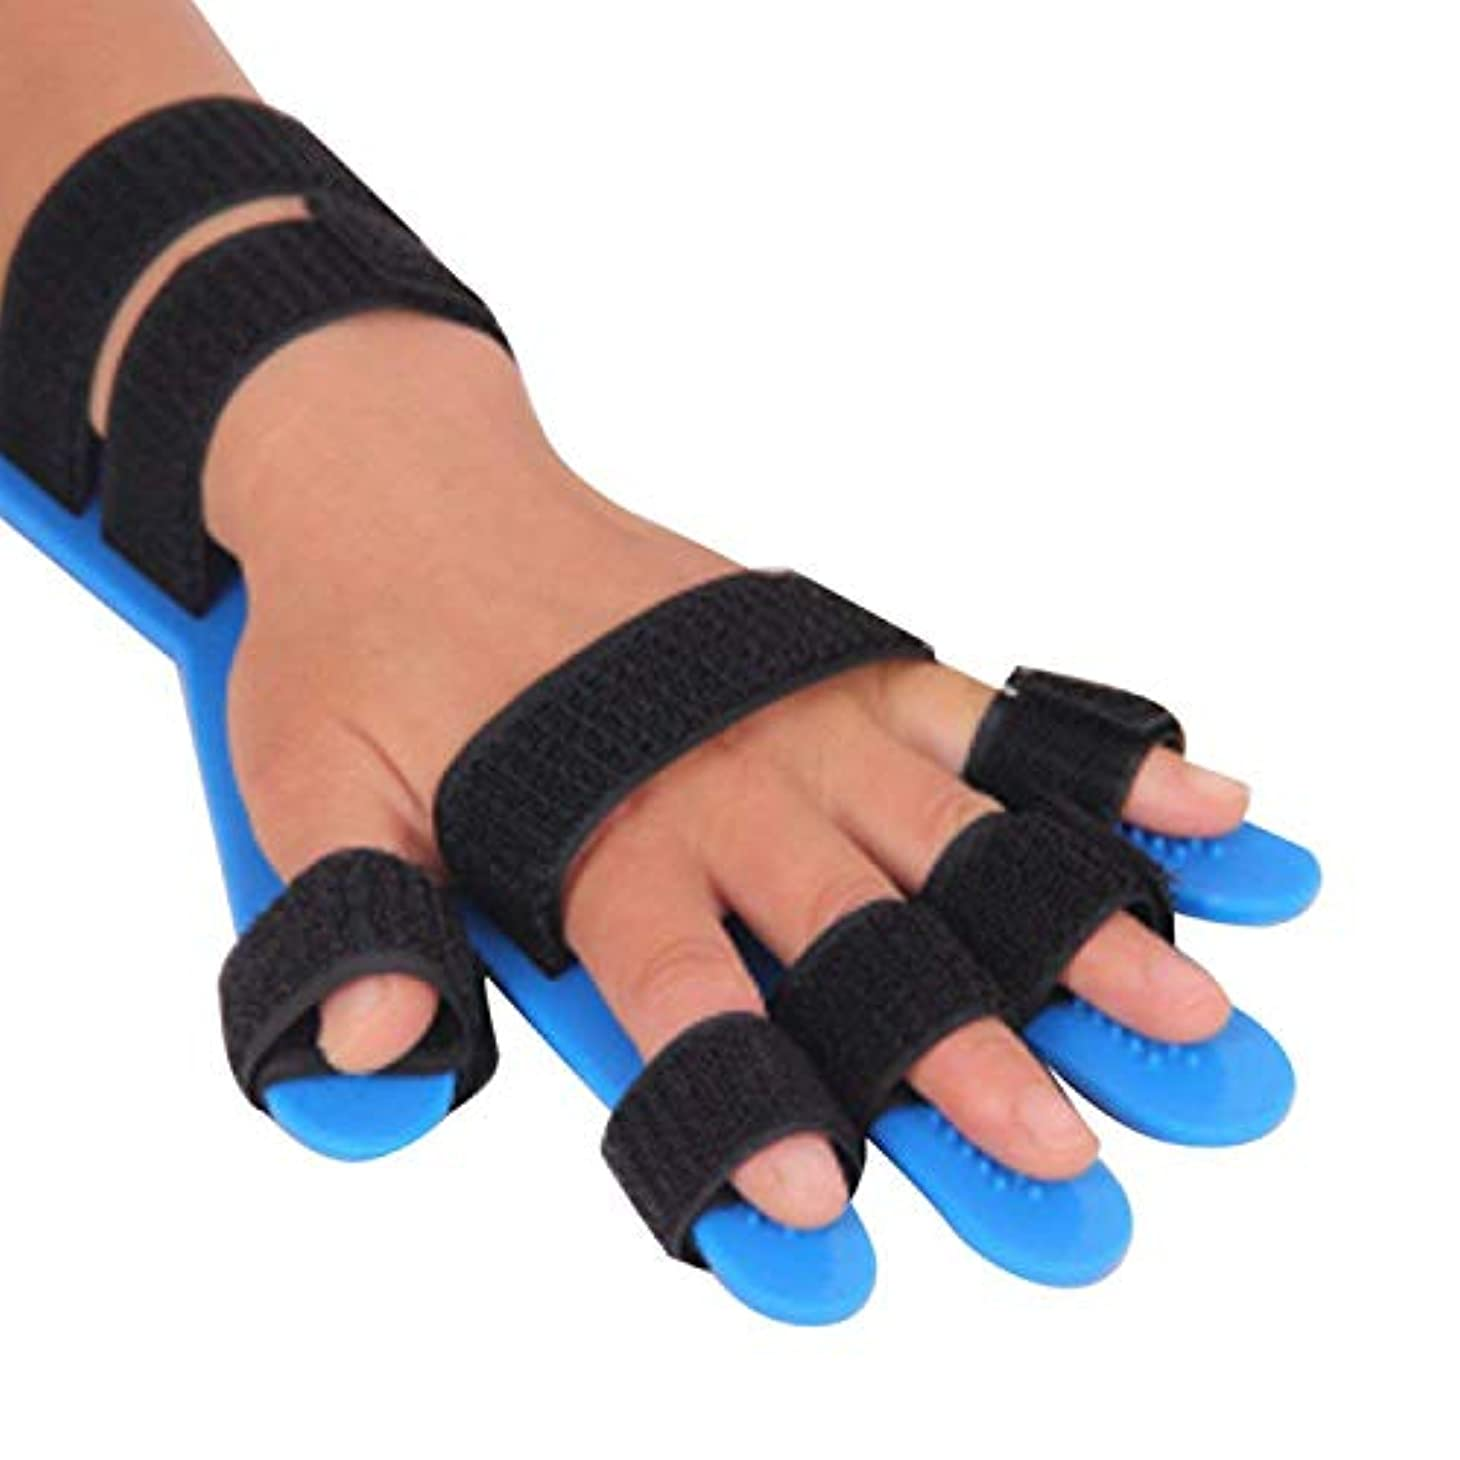 グリース期限切れインフレーション指の添え木は、リハビリテーション機器/手首訓練用機器/サポートフィンガーフラクチャー/創傷術後ケア/エクササイズフィンガースプリント/フィンガーサポート/男性と女性の一般的な周りを指します